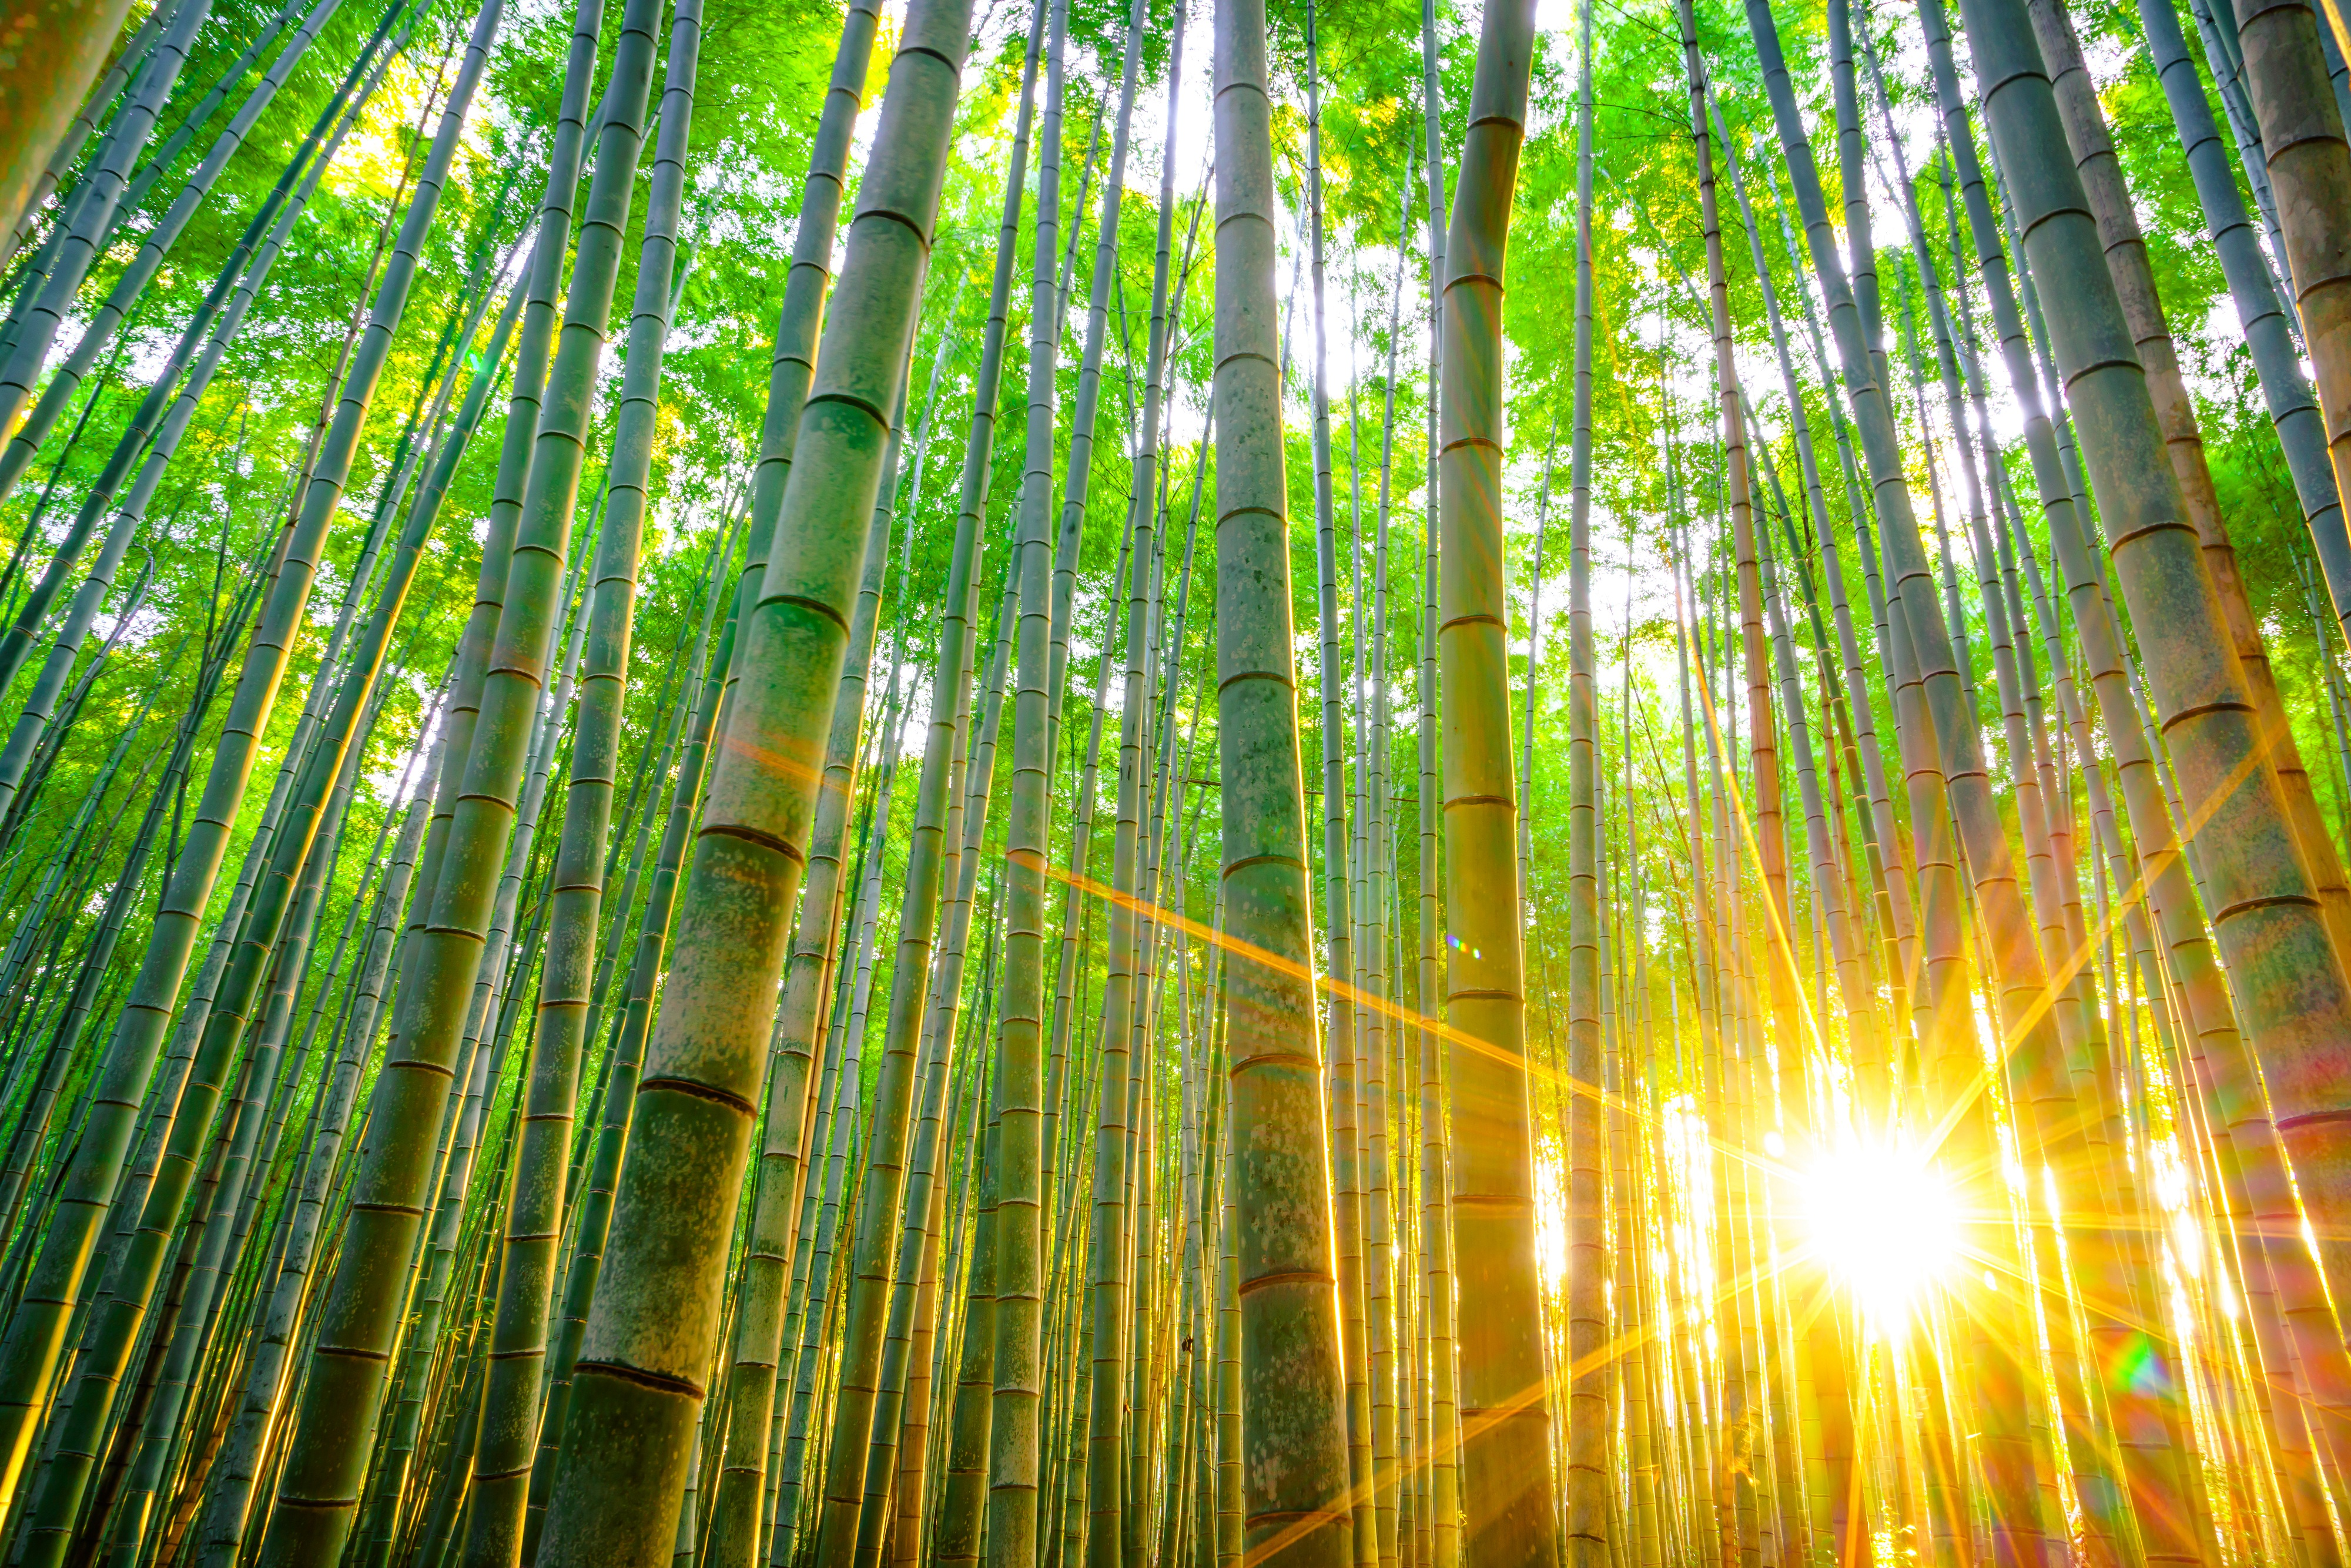 Bildergebnis für sonnenstrahlen bambus